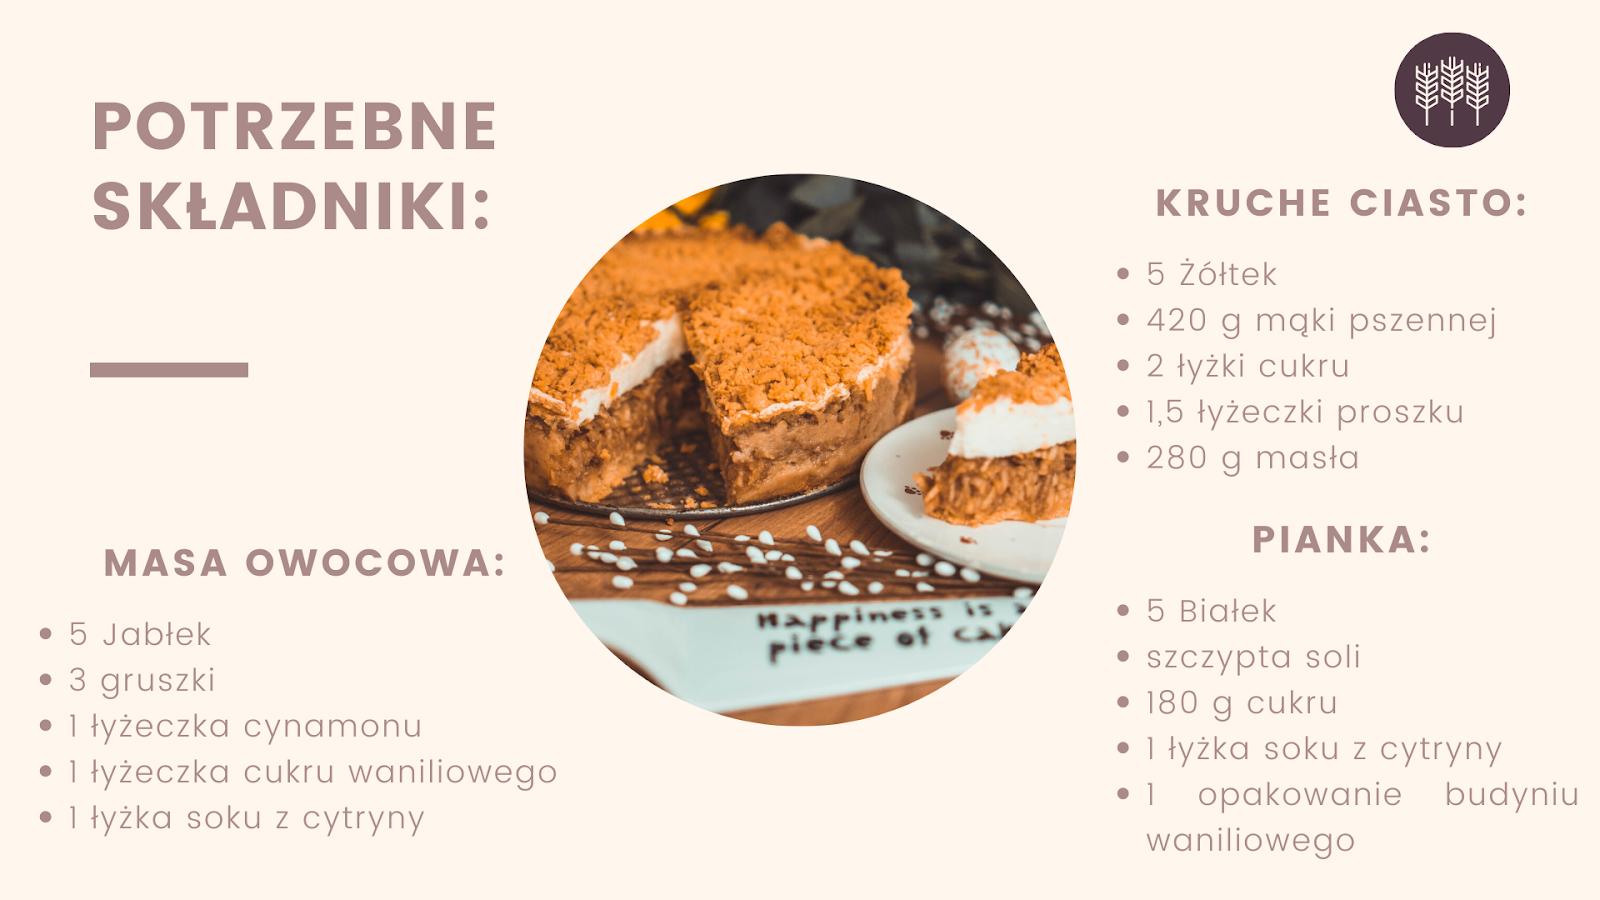 2 przepis na szarlotkę z gruszkami ciasto jabłkowo gruszkowe jak zrobić piankę bezę do ciasta jak zrobić idealną kruszonkę do ciasta ciasto z jabłkami szarlotka łatwa krok po kroku przepis składniki